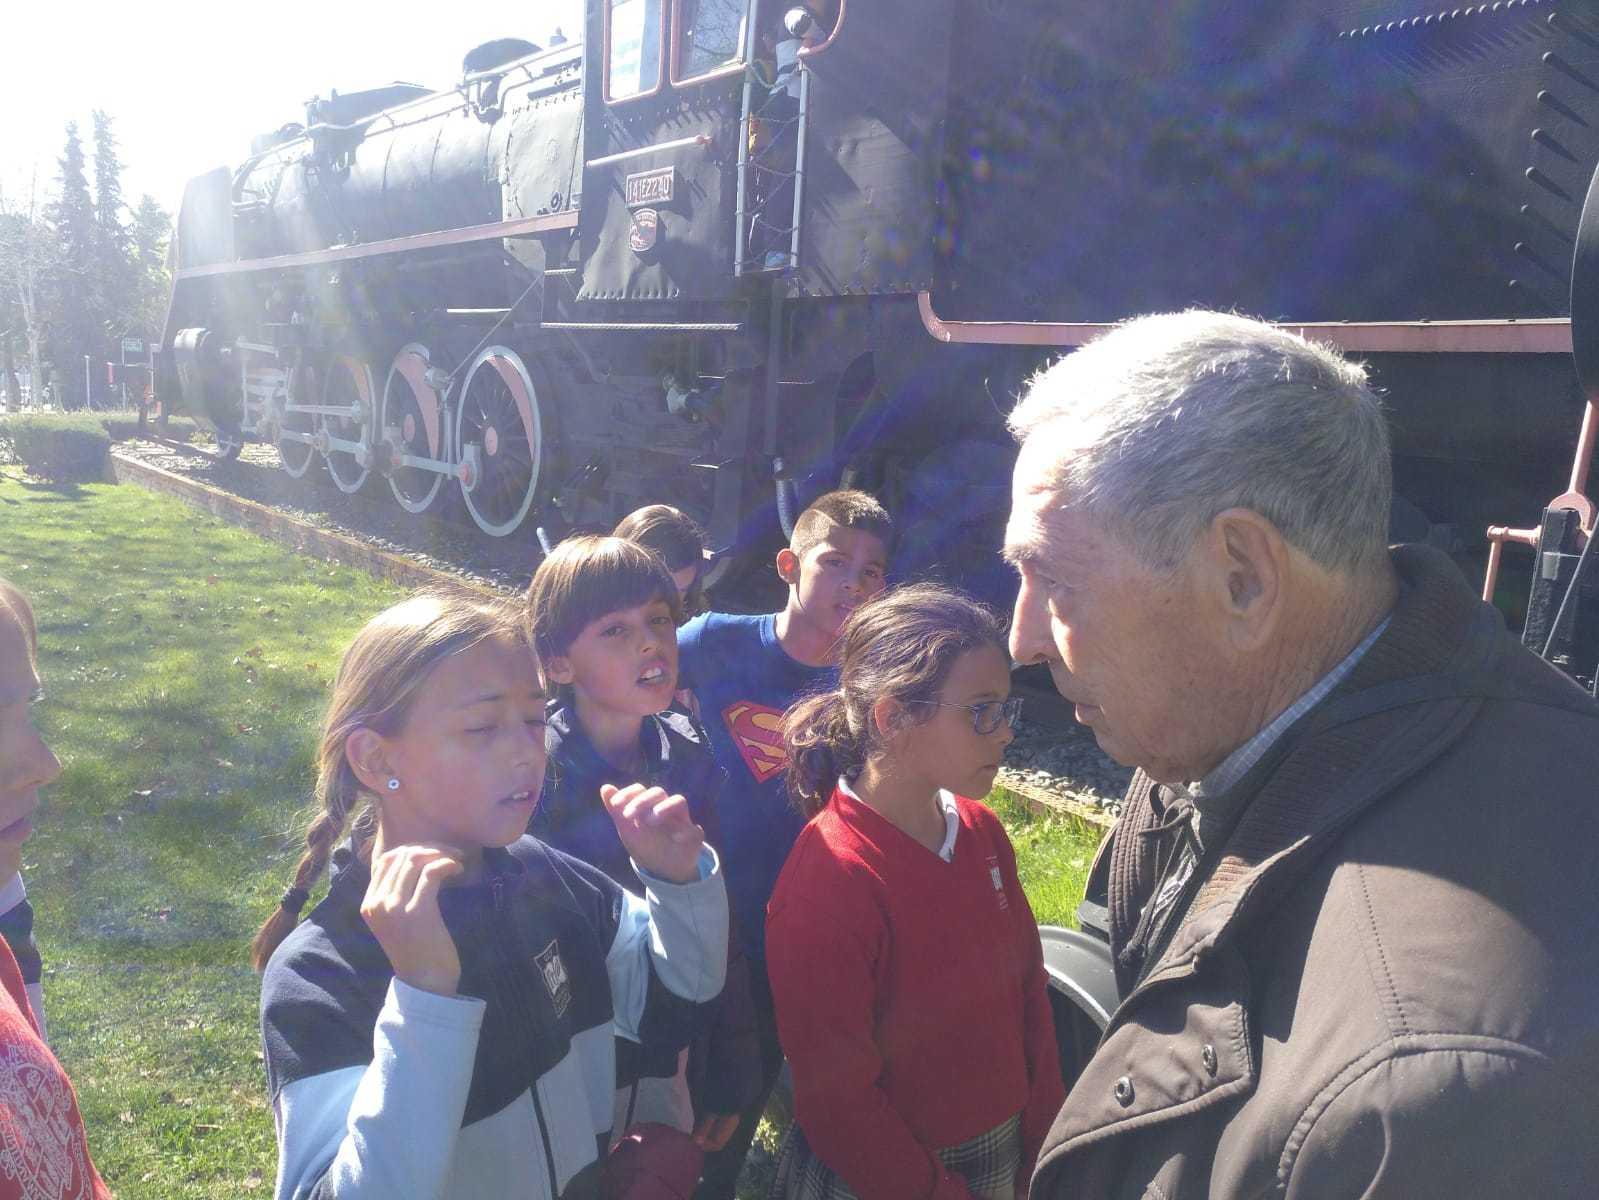 2019_03_15_Cuarto B visita el Museo del Ferrocarril de Las Matas_CEIP FDLR_Las Rozas 4